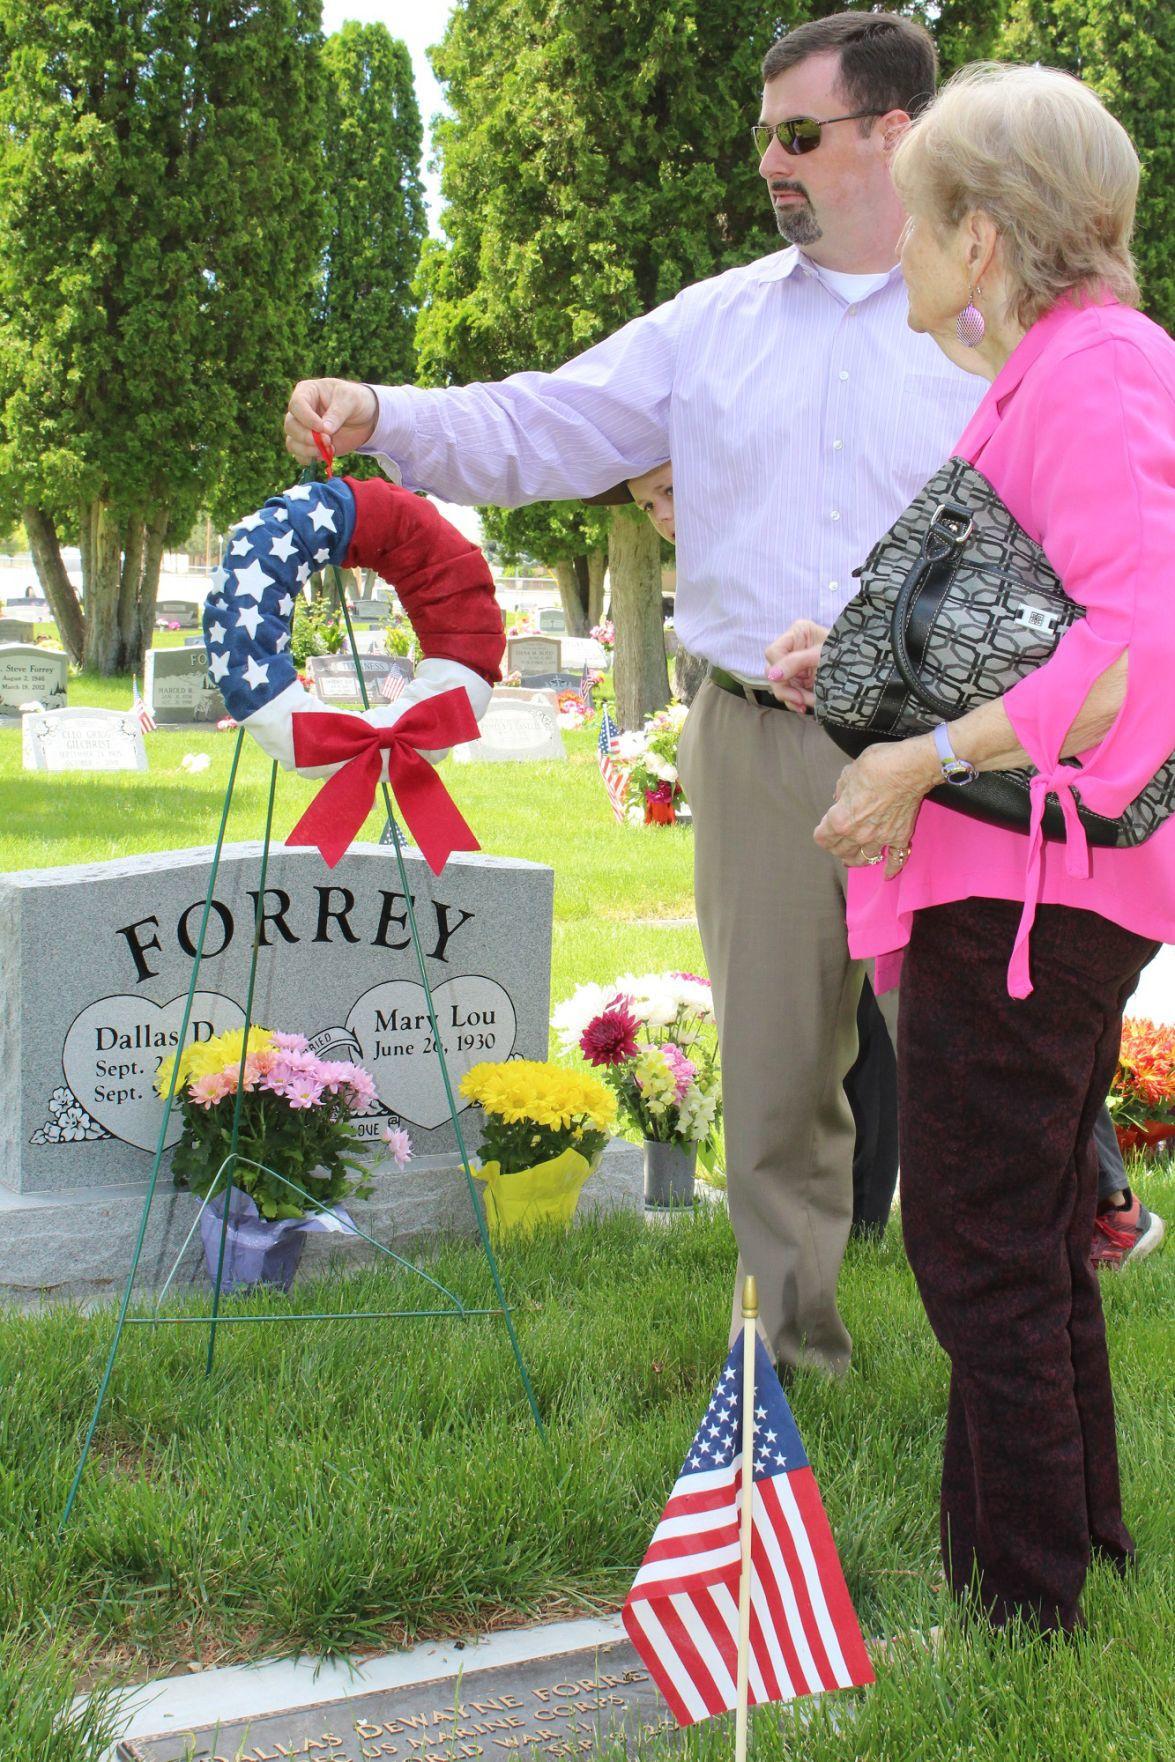 Dallas Forrey grave site